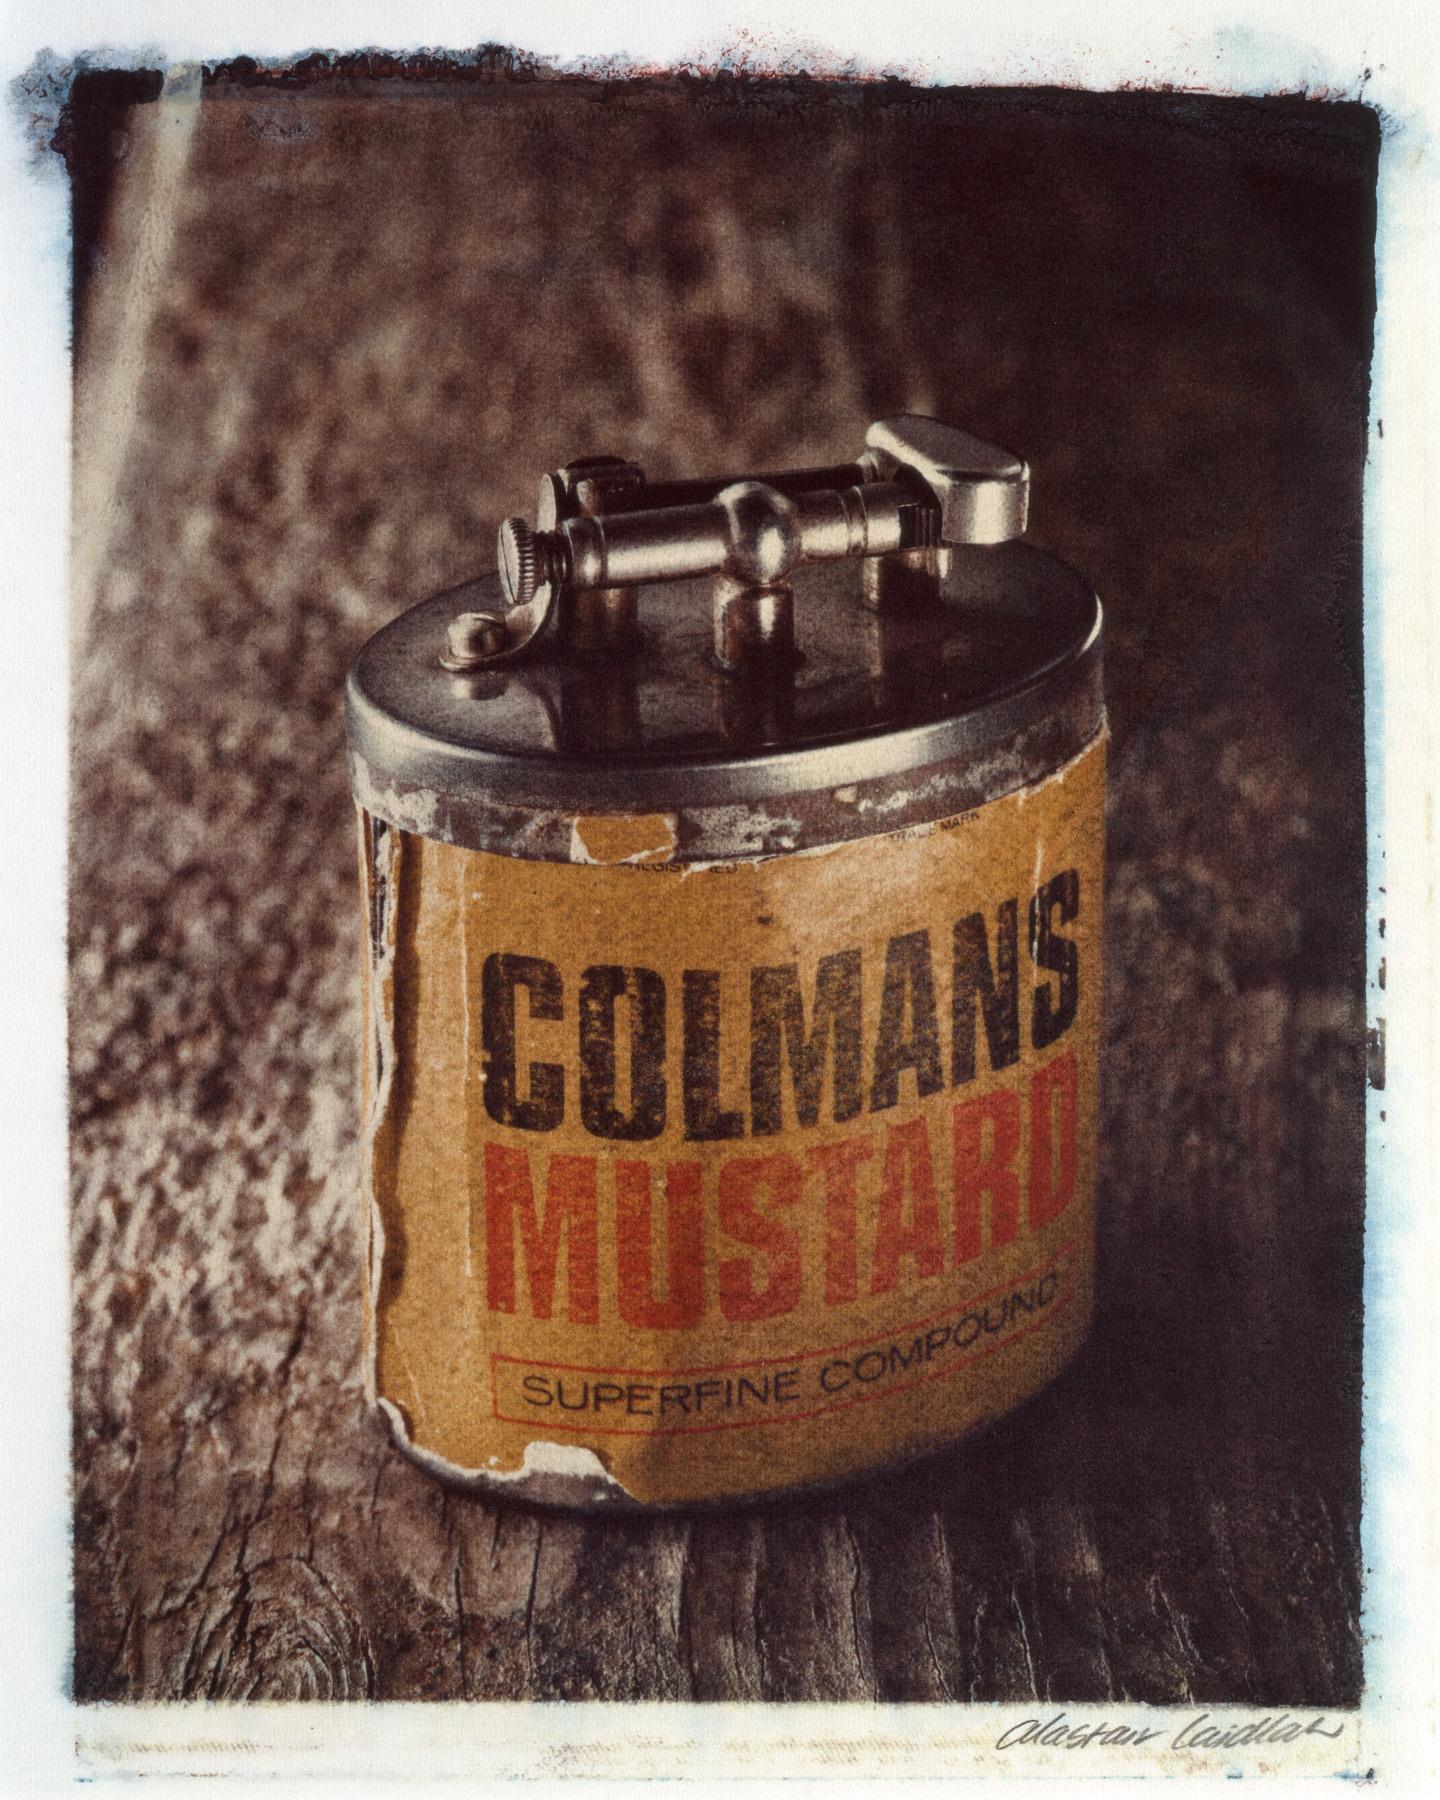 ColmansDunhill012.jpg